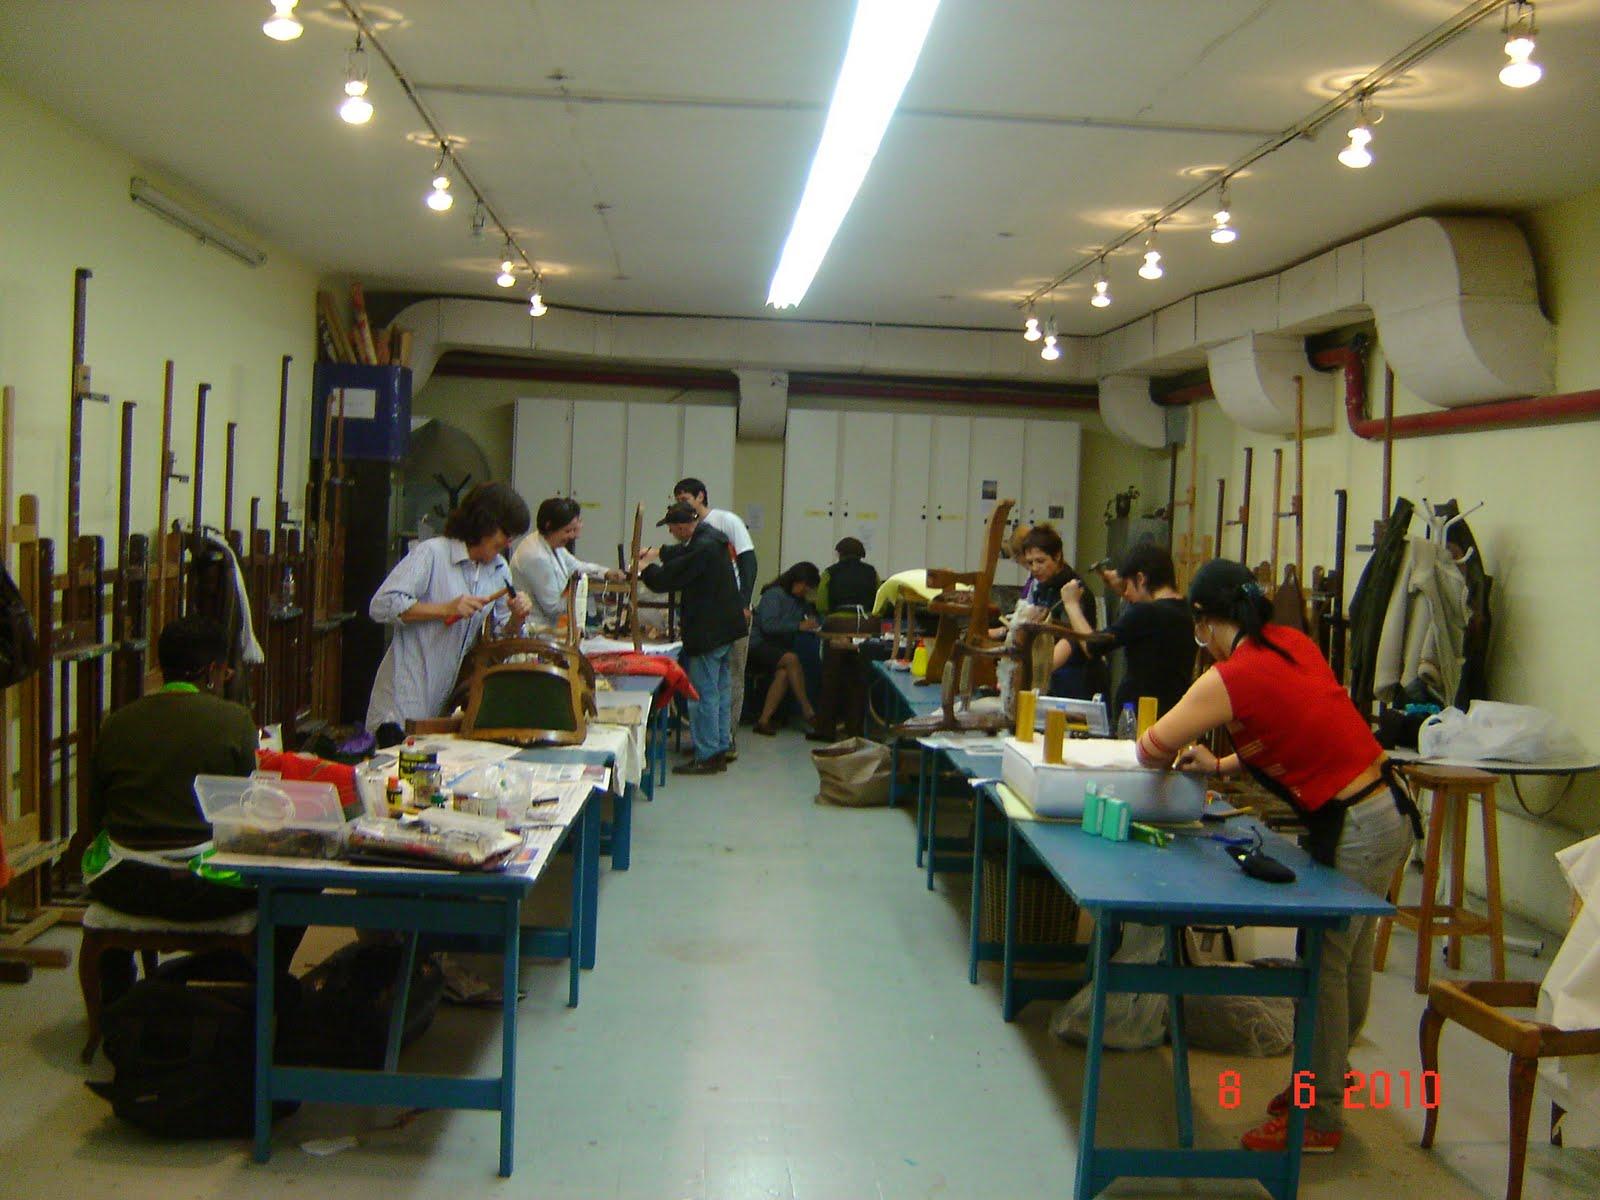 La silla chic la silla chic y el taller reciclado de - Talleres de tapiceria ...